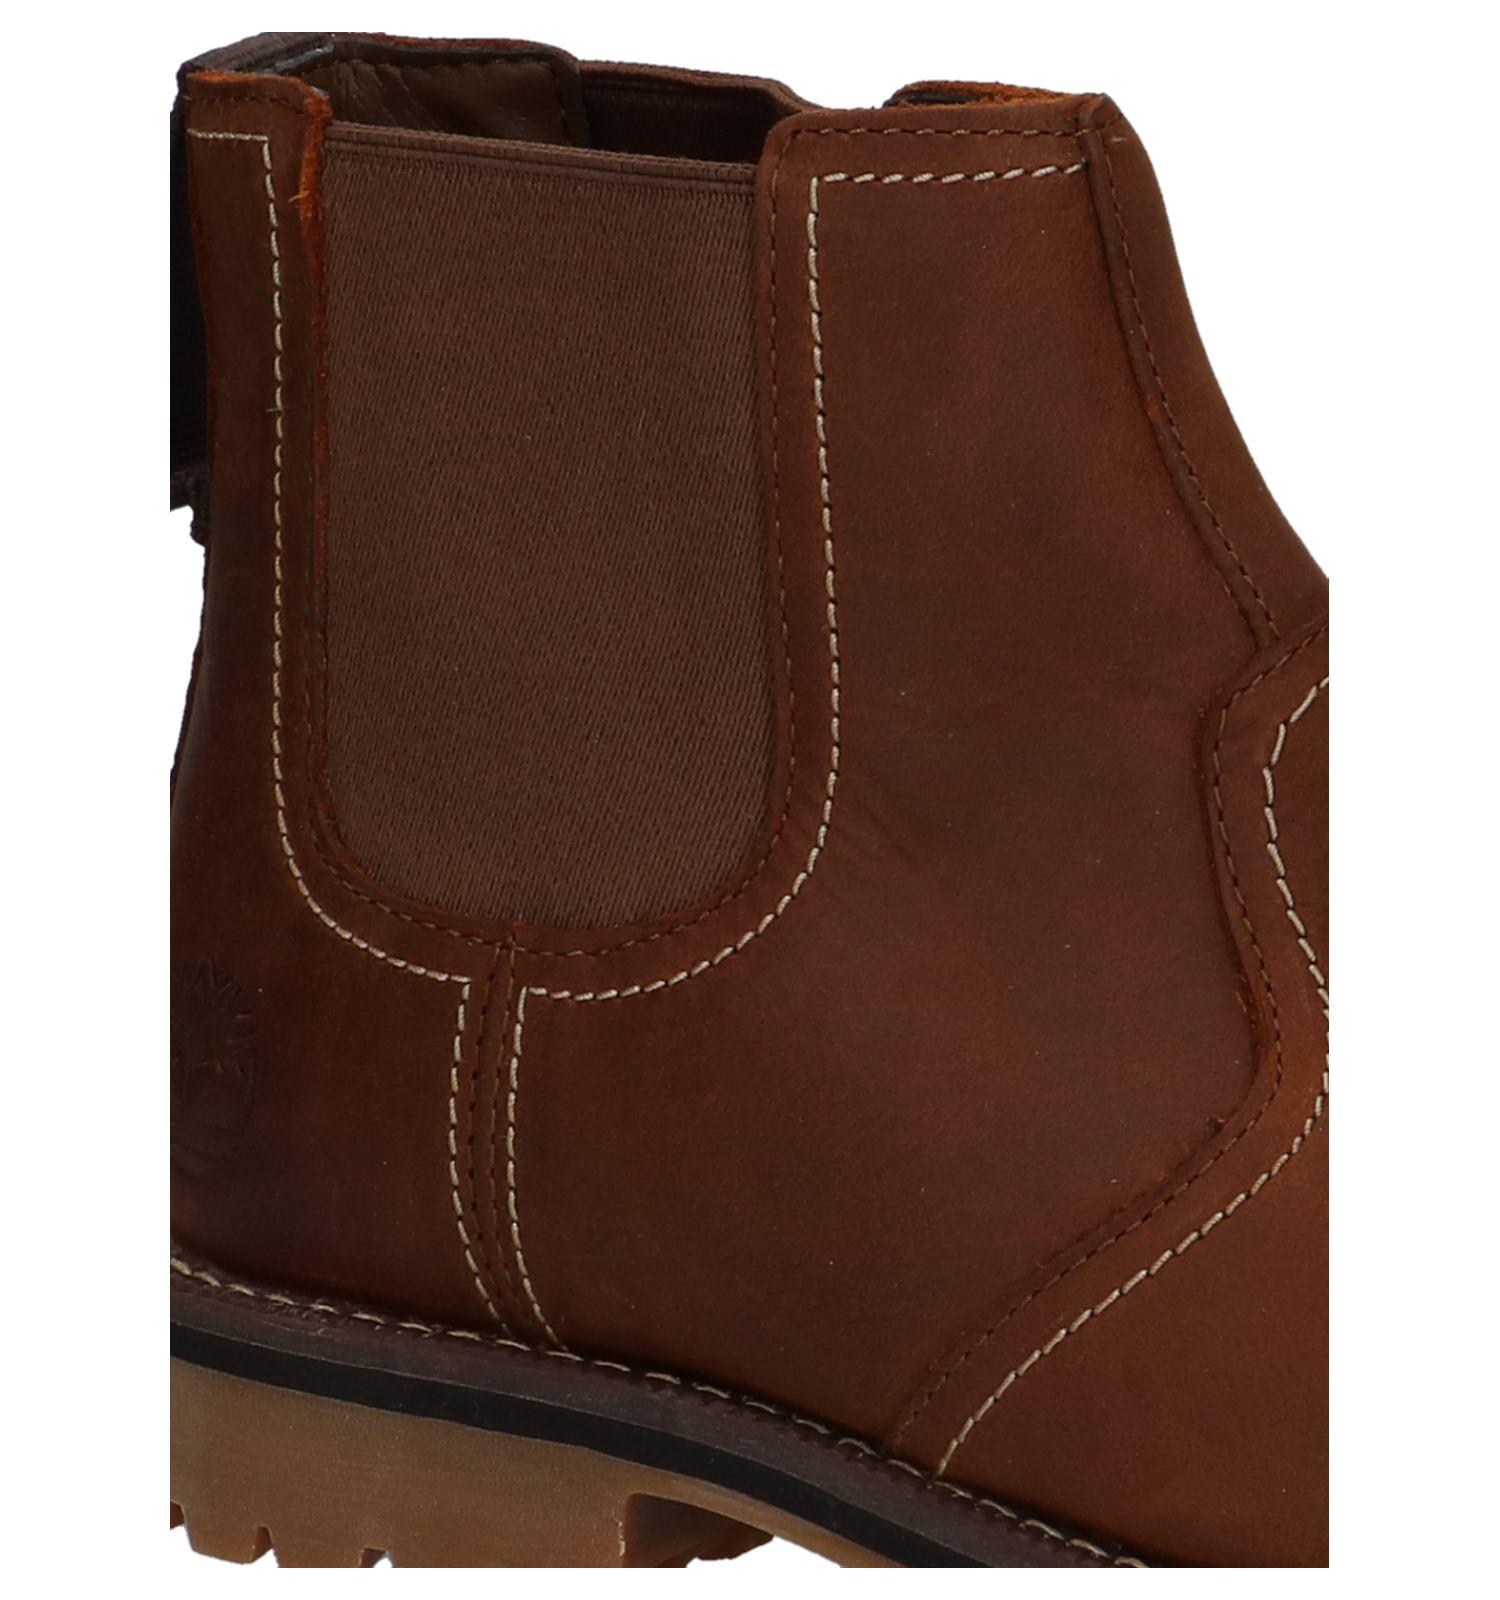 Timberland Larchmont Bruine Chelsea Boots | SCHOENENTORFS.NL